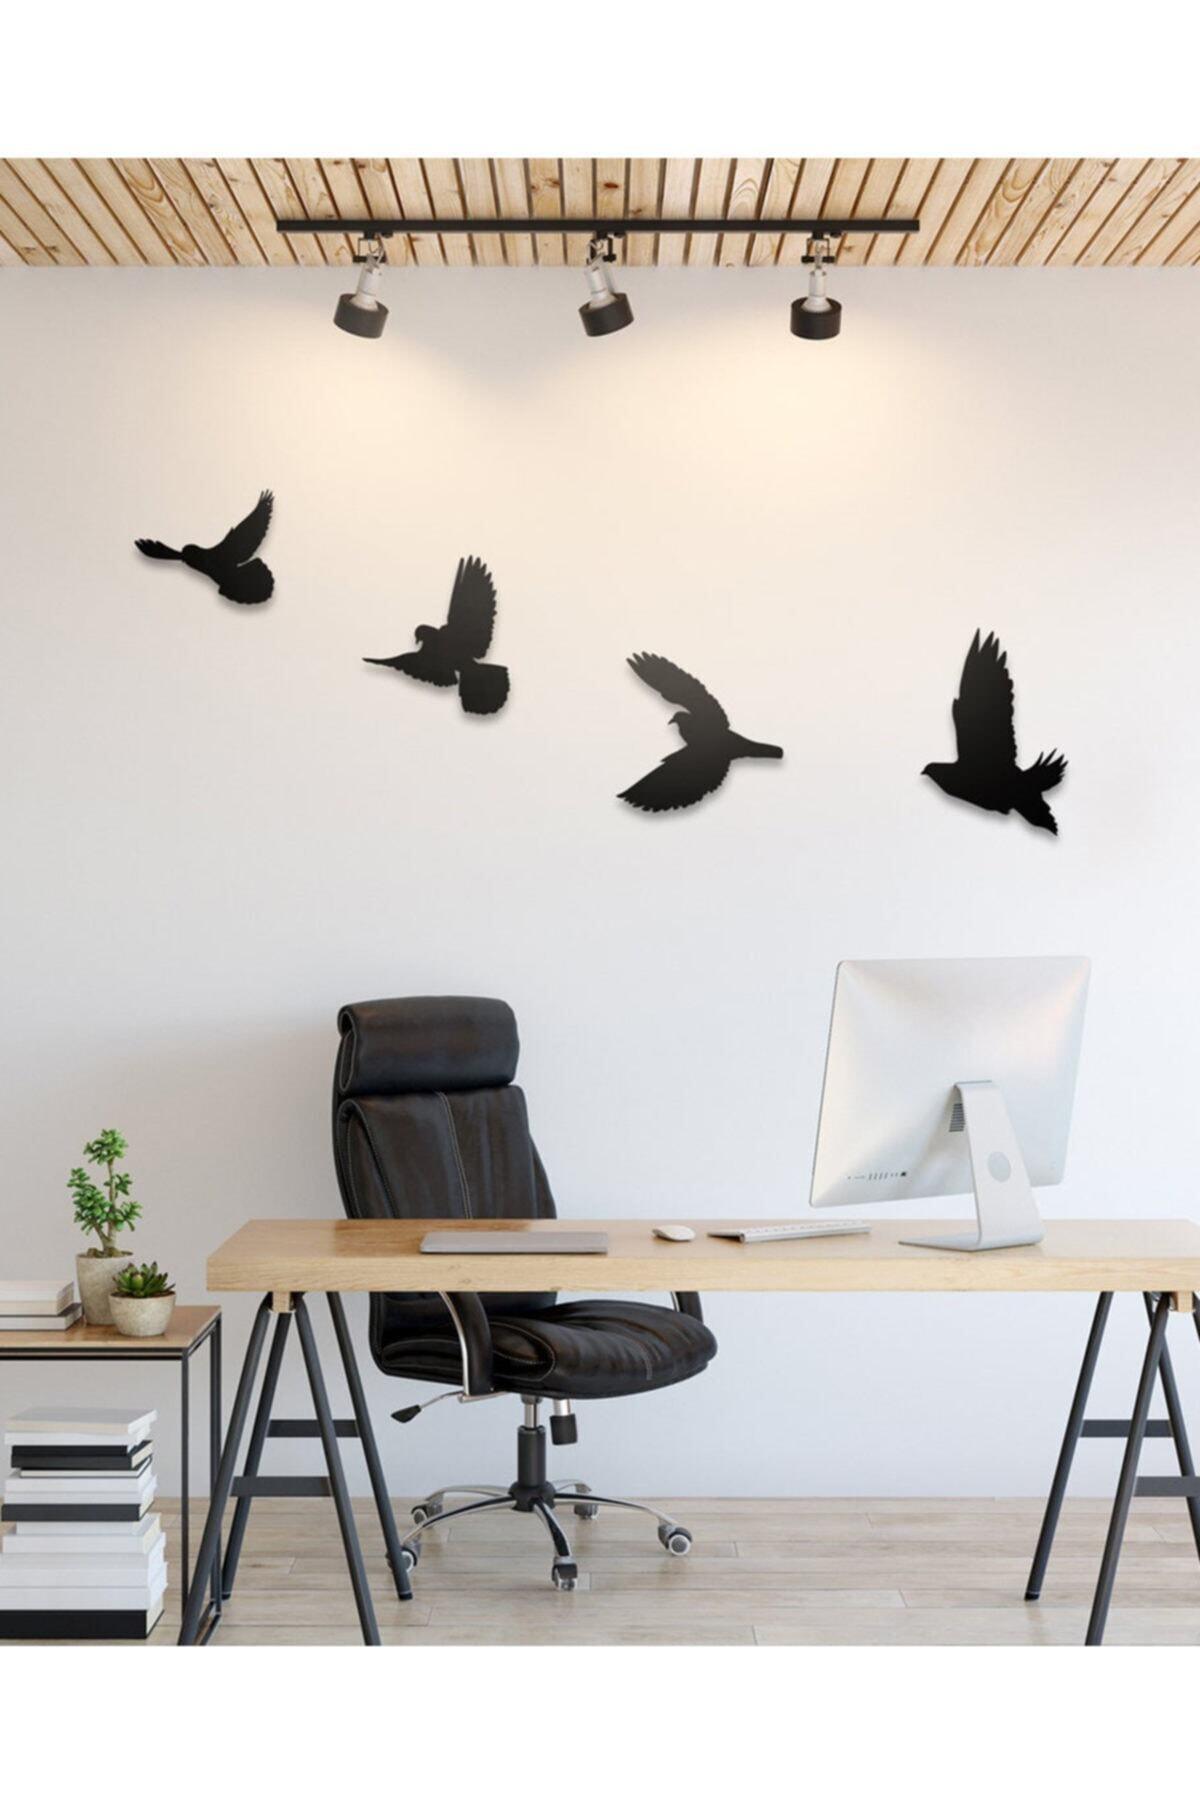 Ahşap Design Dekoratif Ahşap Modern Dörtlü Kuş Duvar Süsü Duvar Dekor 2